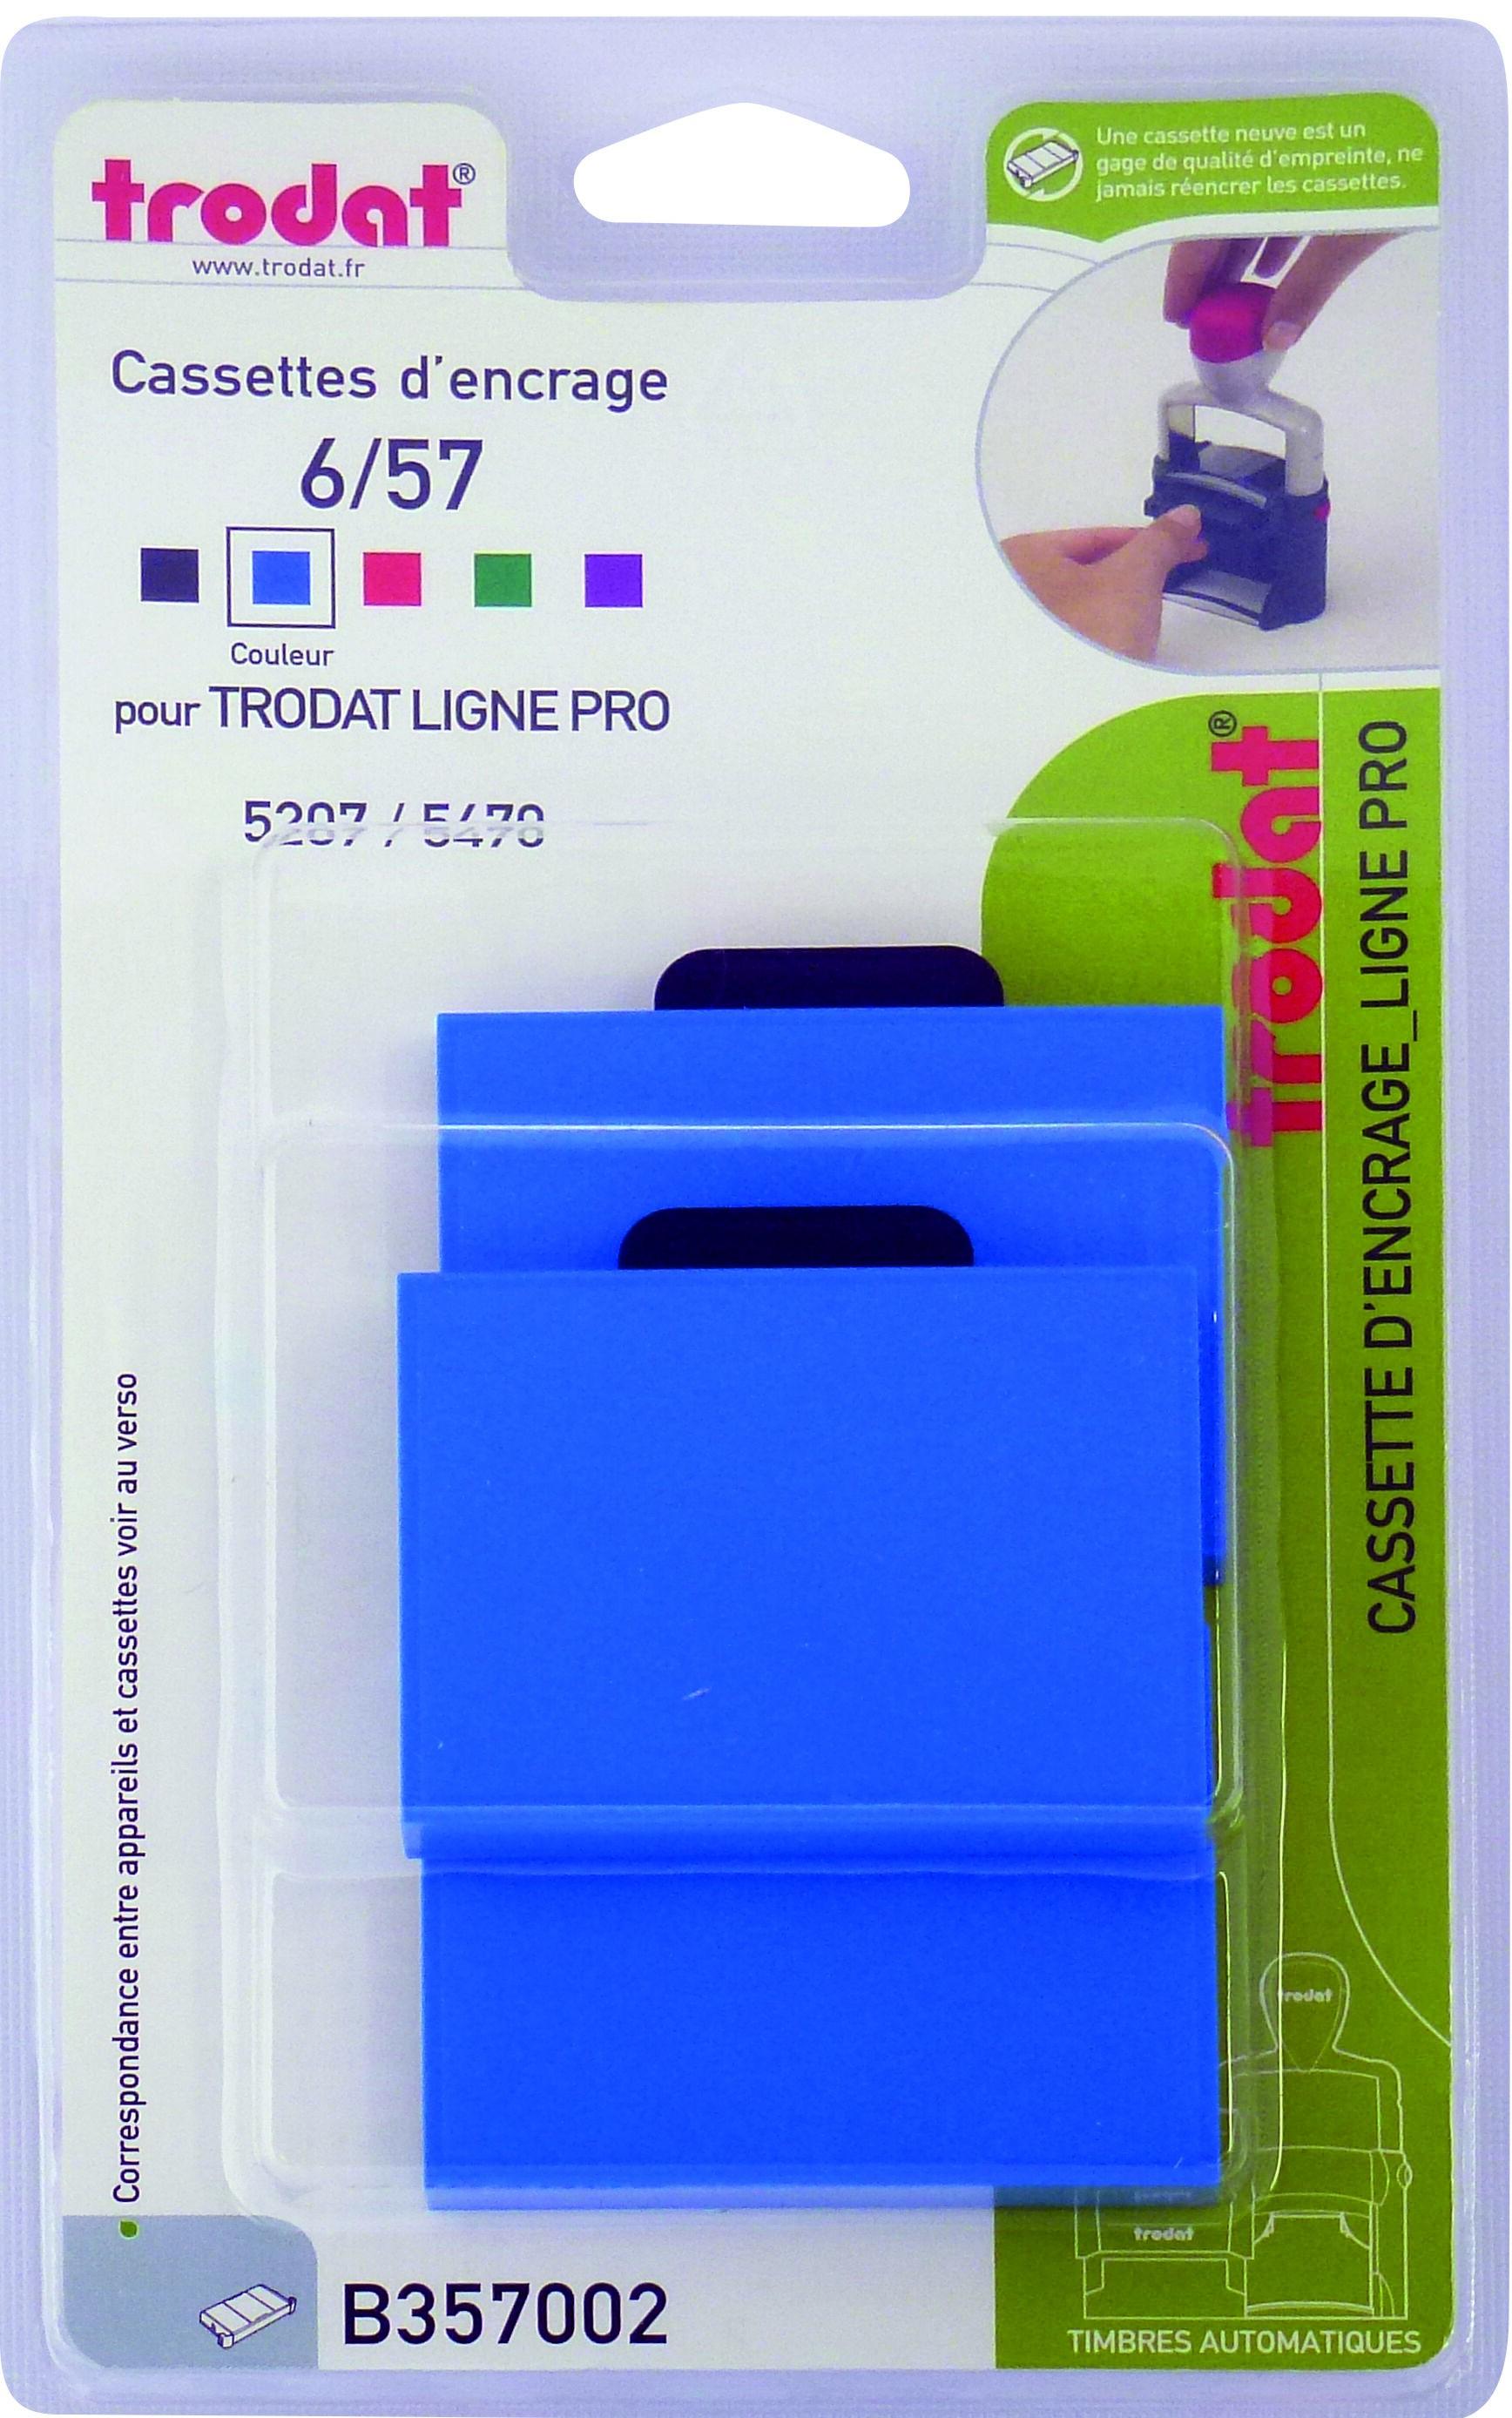 Trodat - 3 Encriers 6/57 recharges pour tampon 5207/5470 - bleu